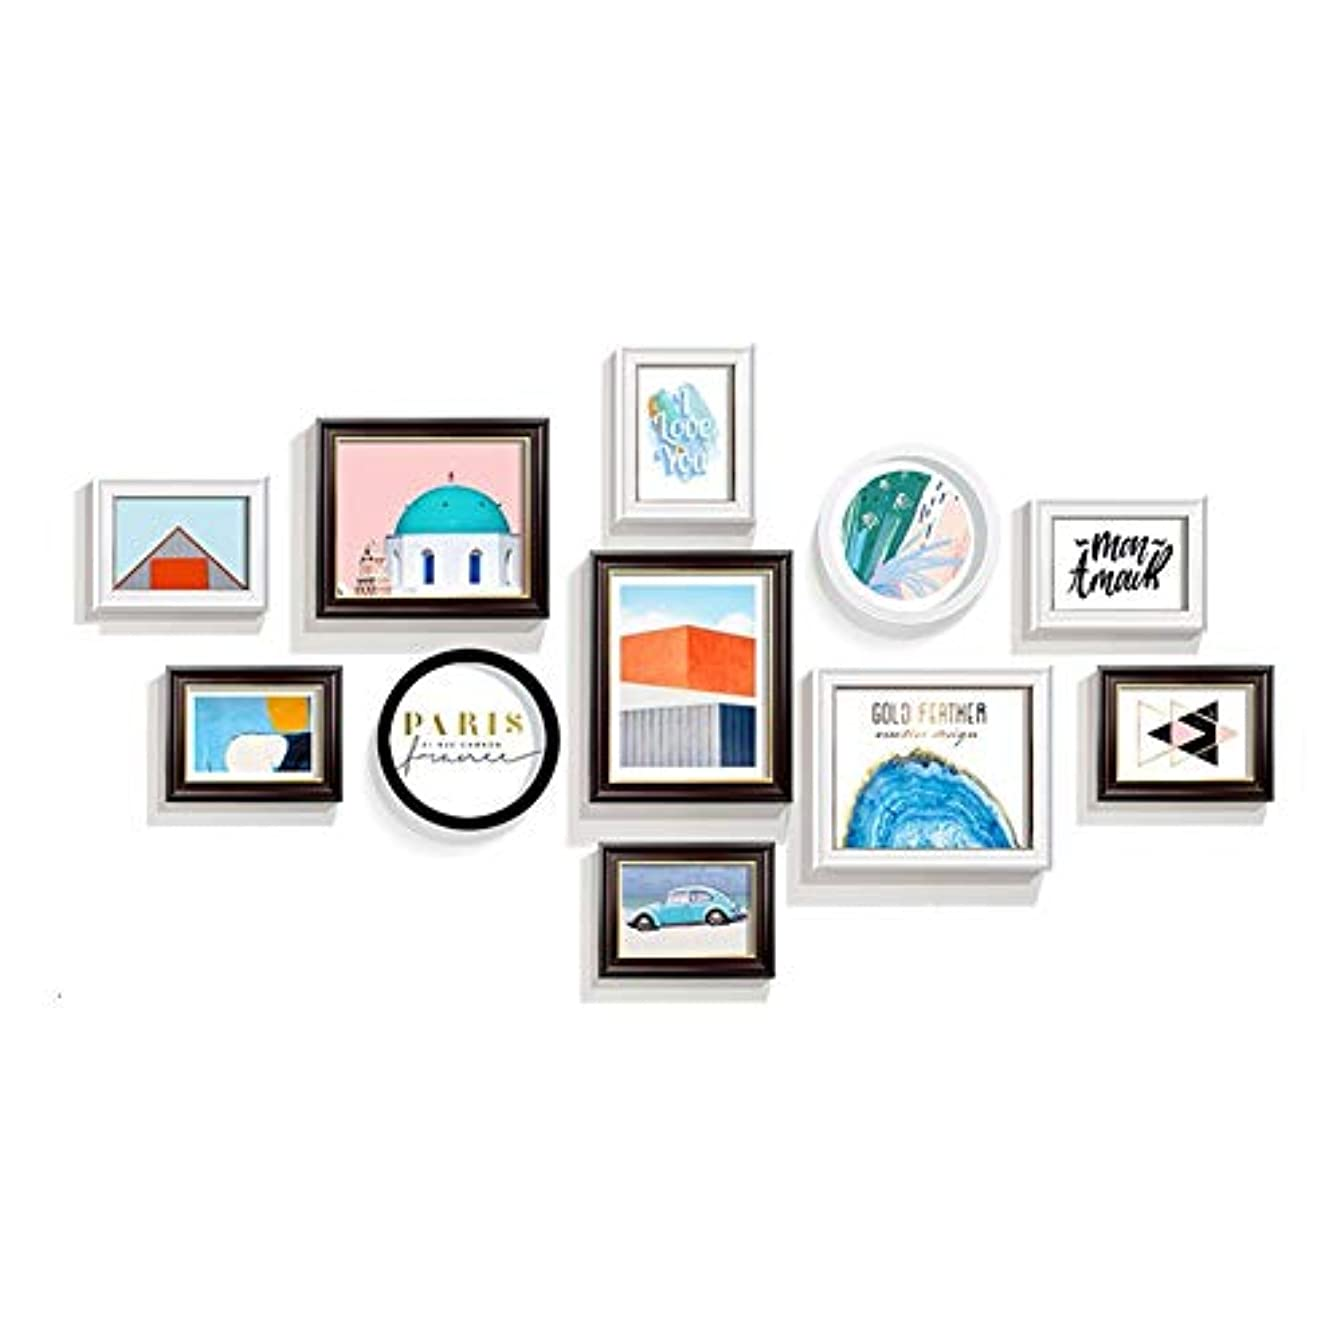 トランペット透けるエイズマルチフォトフレームフォトウォール、多目的ホームリビングルーム装飾絵画(160 * 87センチ)、11枚入り yumingjingxiao1-11.5